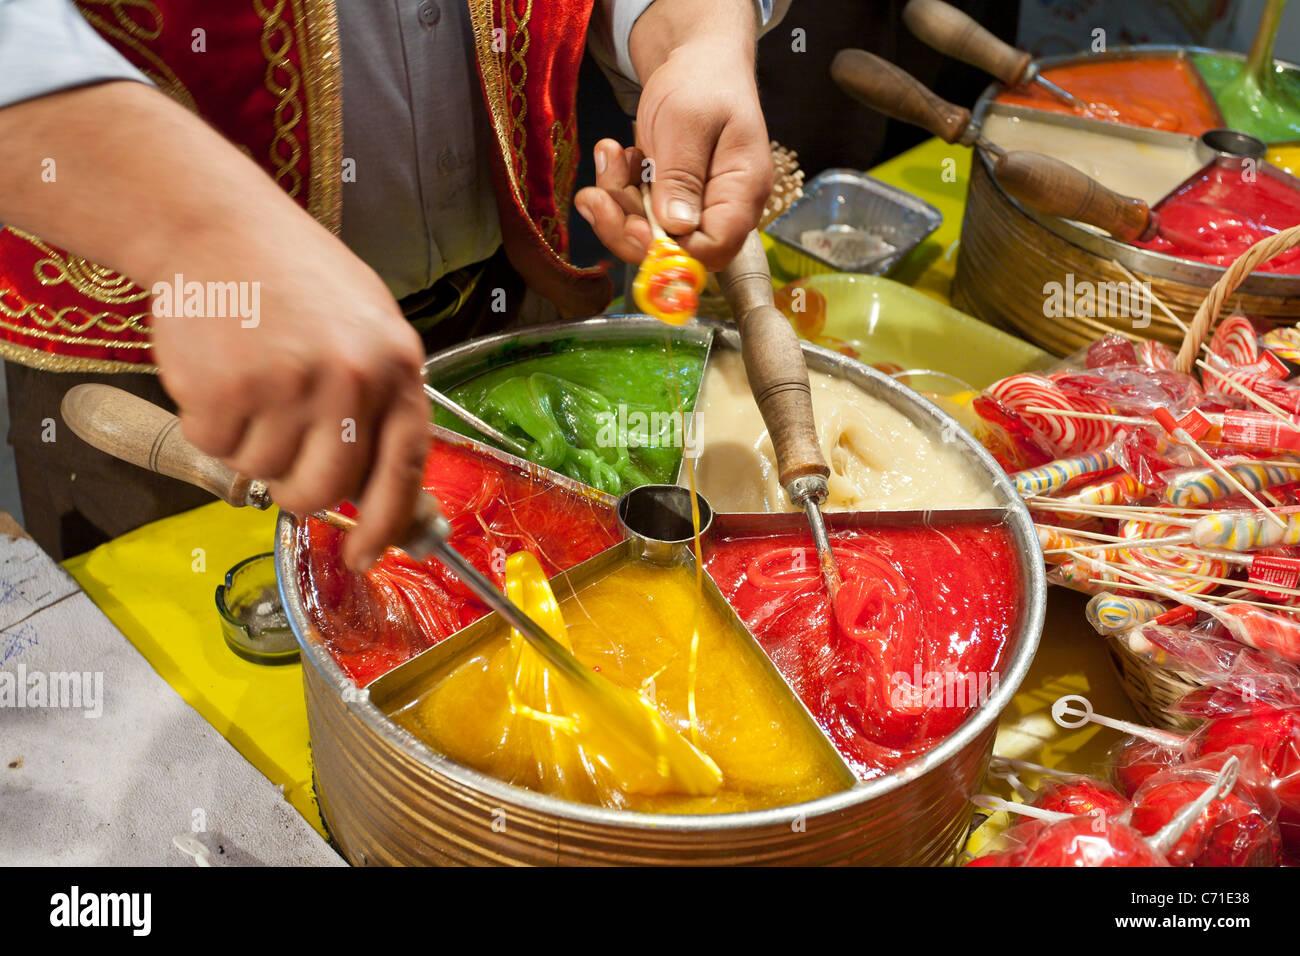 Candy rendendo nel mercato. Le mani si muovono rapidamente la laminazione del metallo fuso caramelle multicolore Immagini Stock